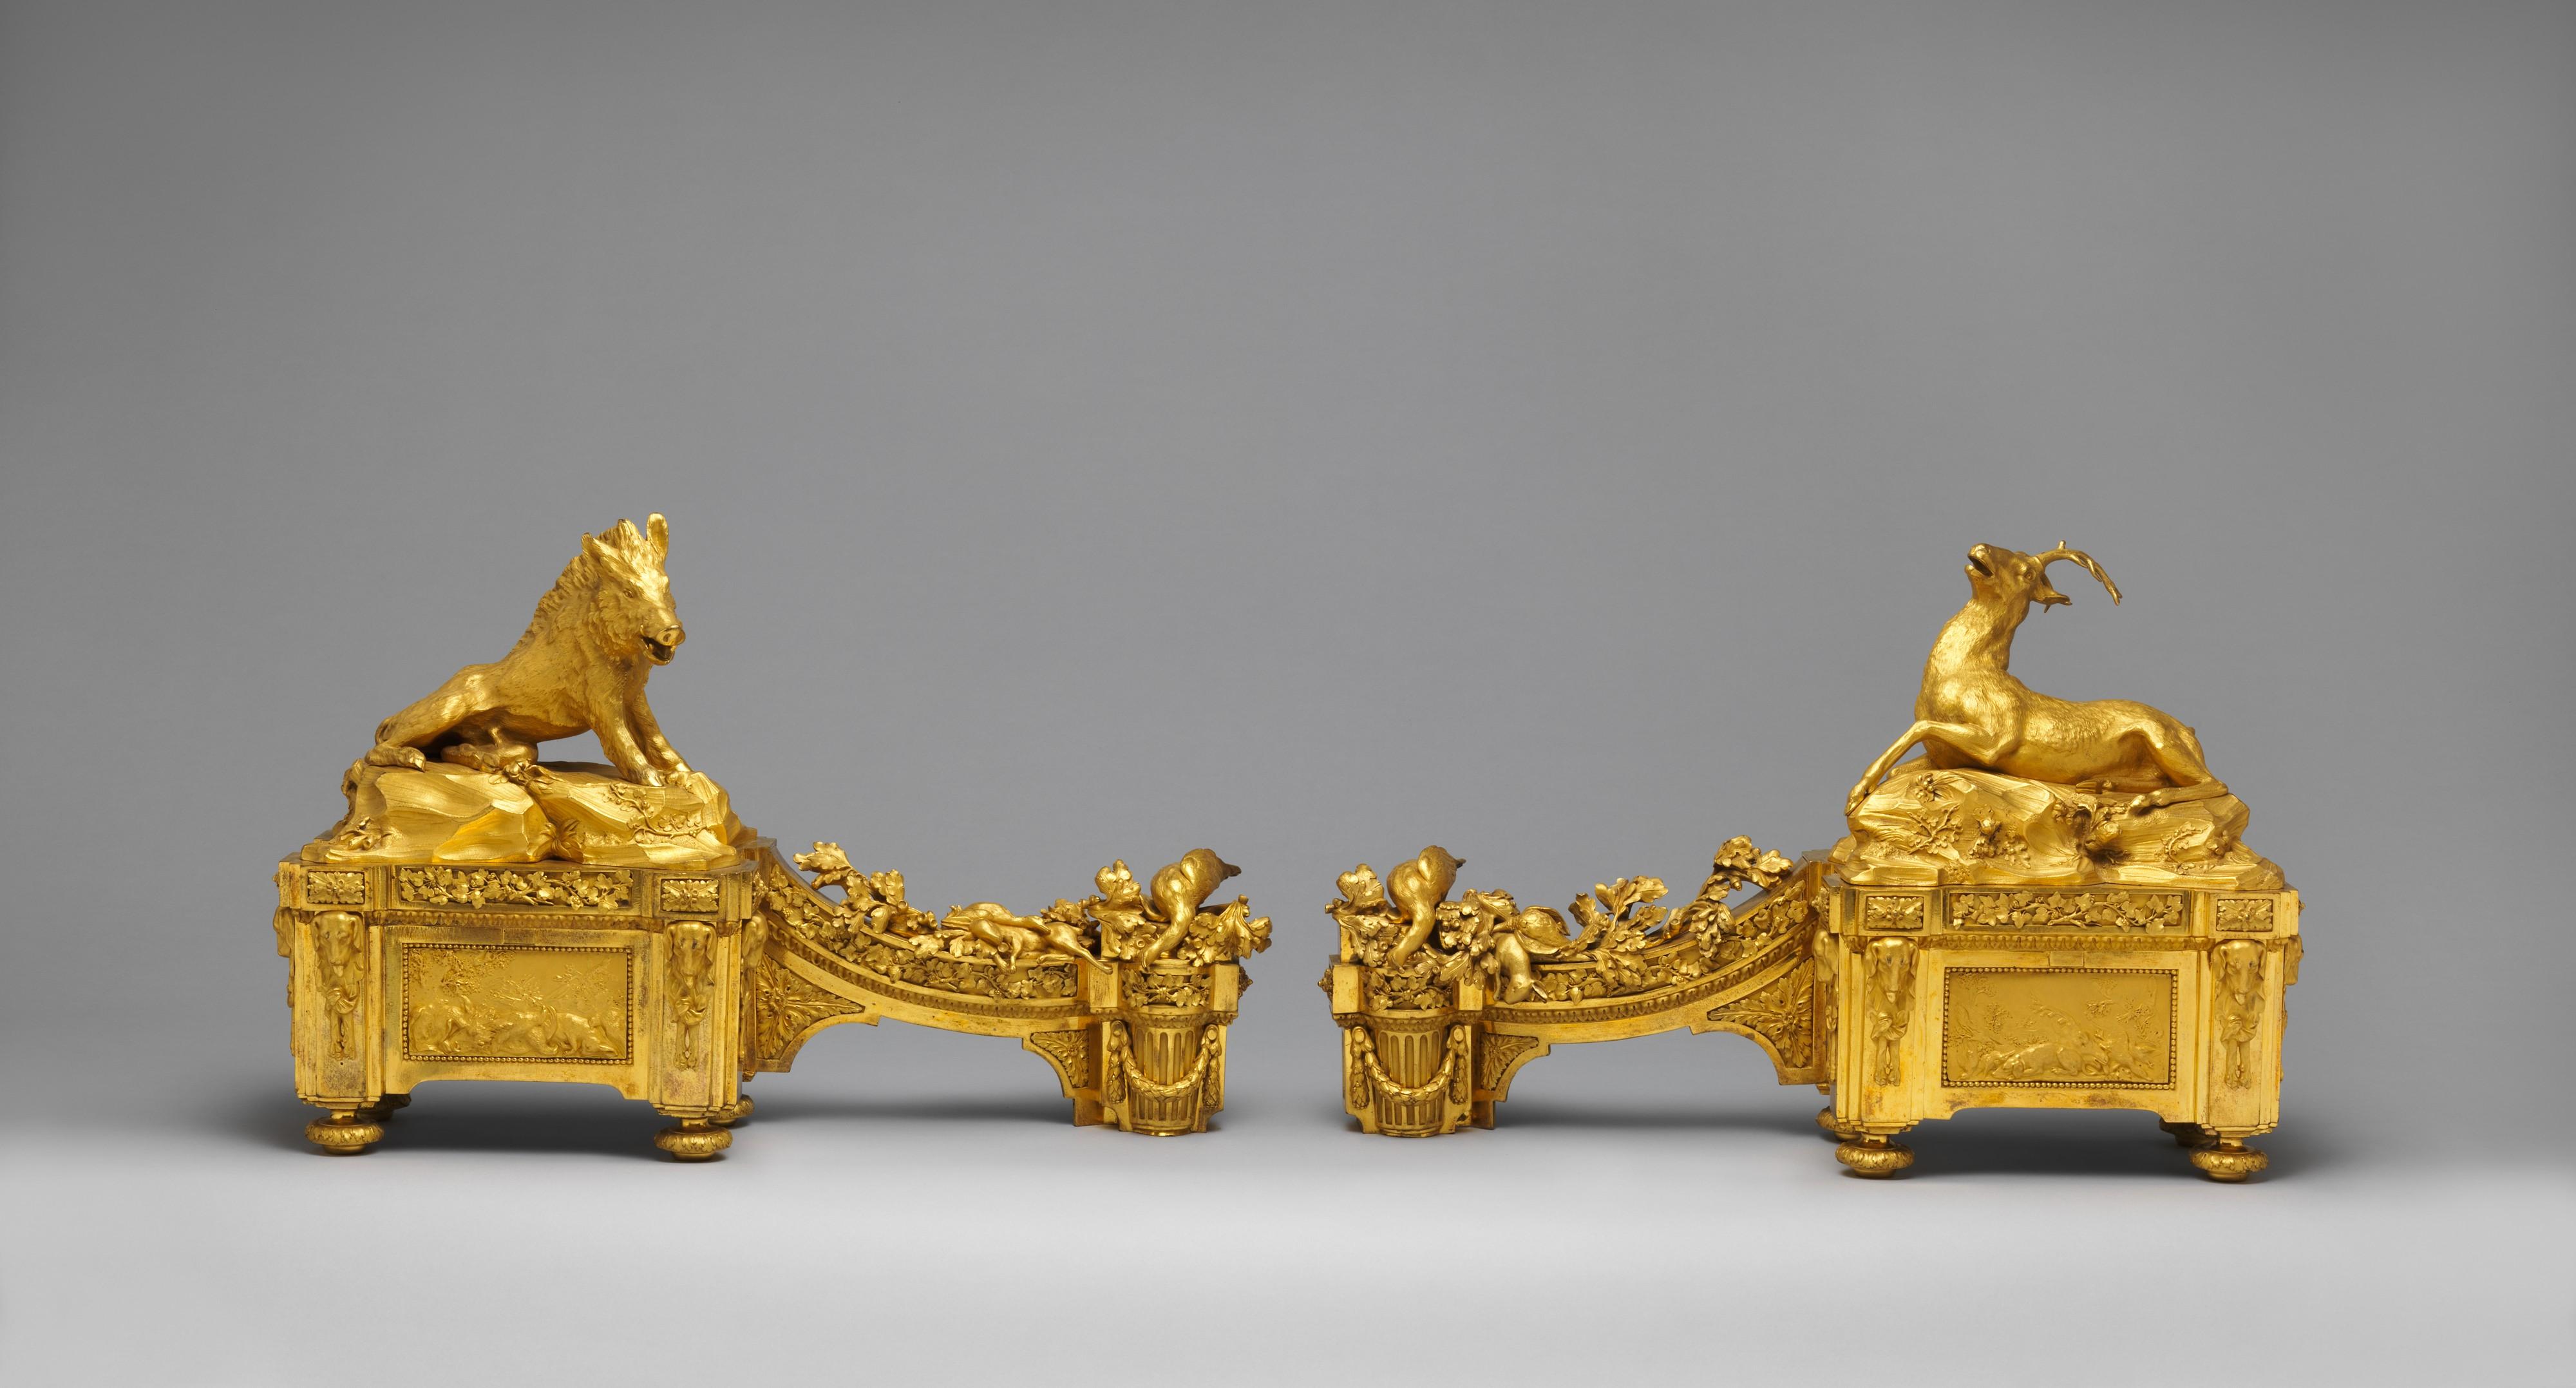 каминная пара, бронзовое литье, 1772, общий вид